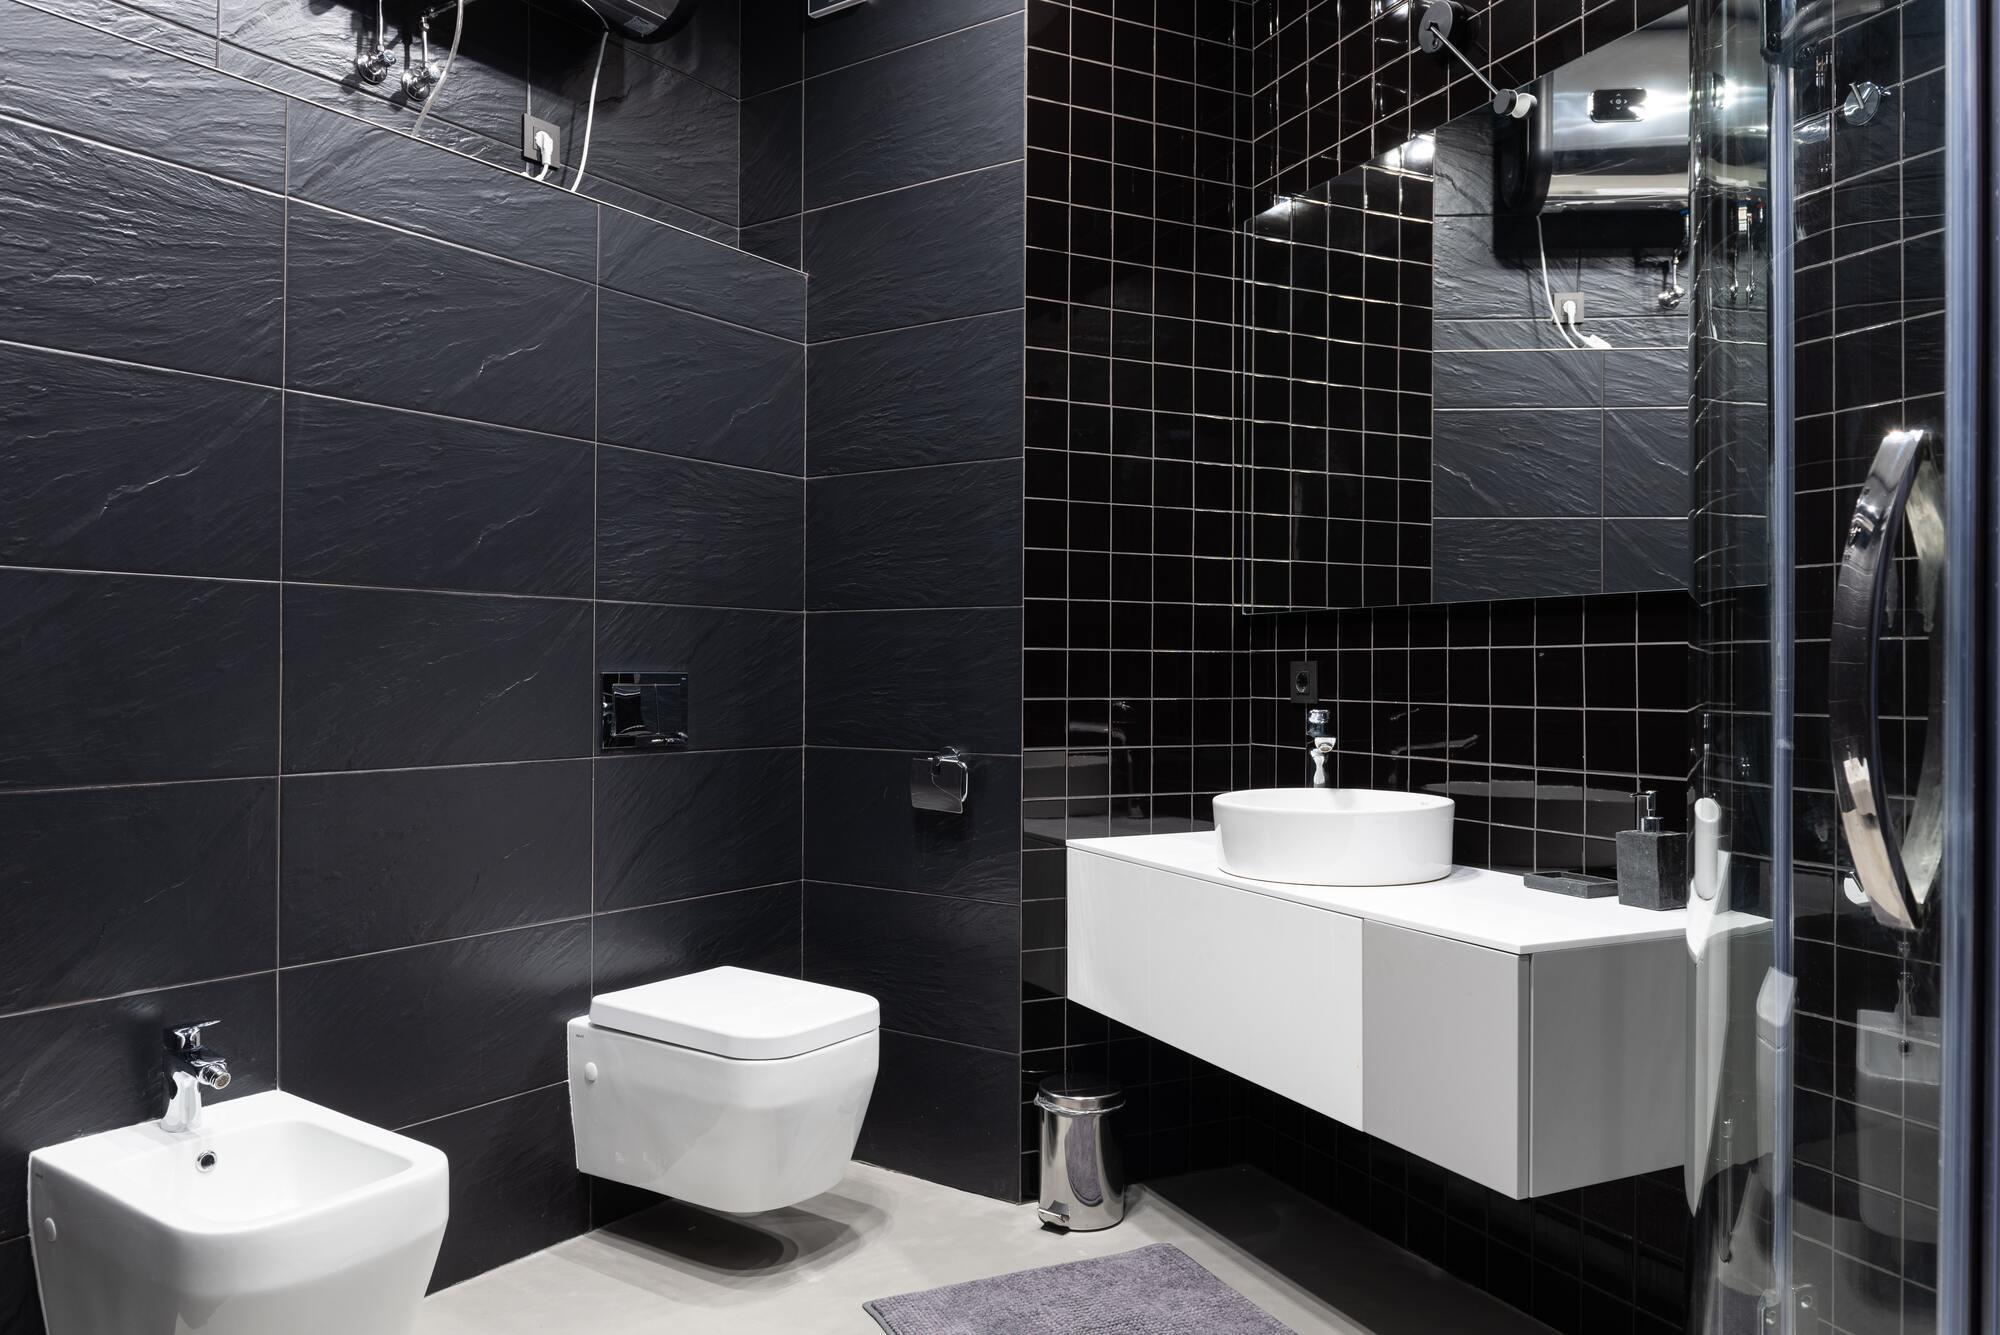 Туалеты у арабов не бывают unisex, и всегда с биде